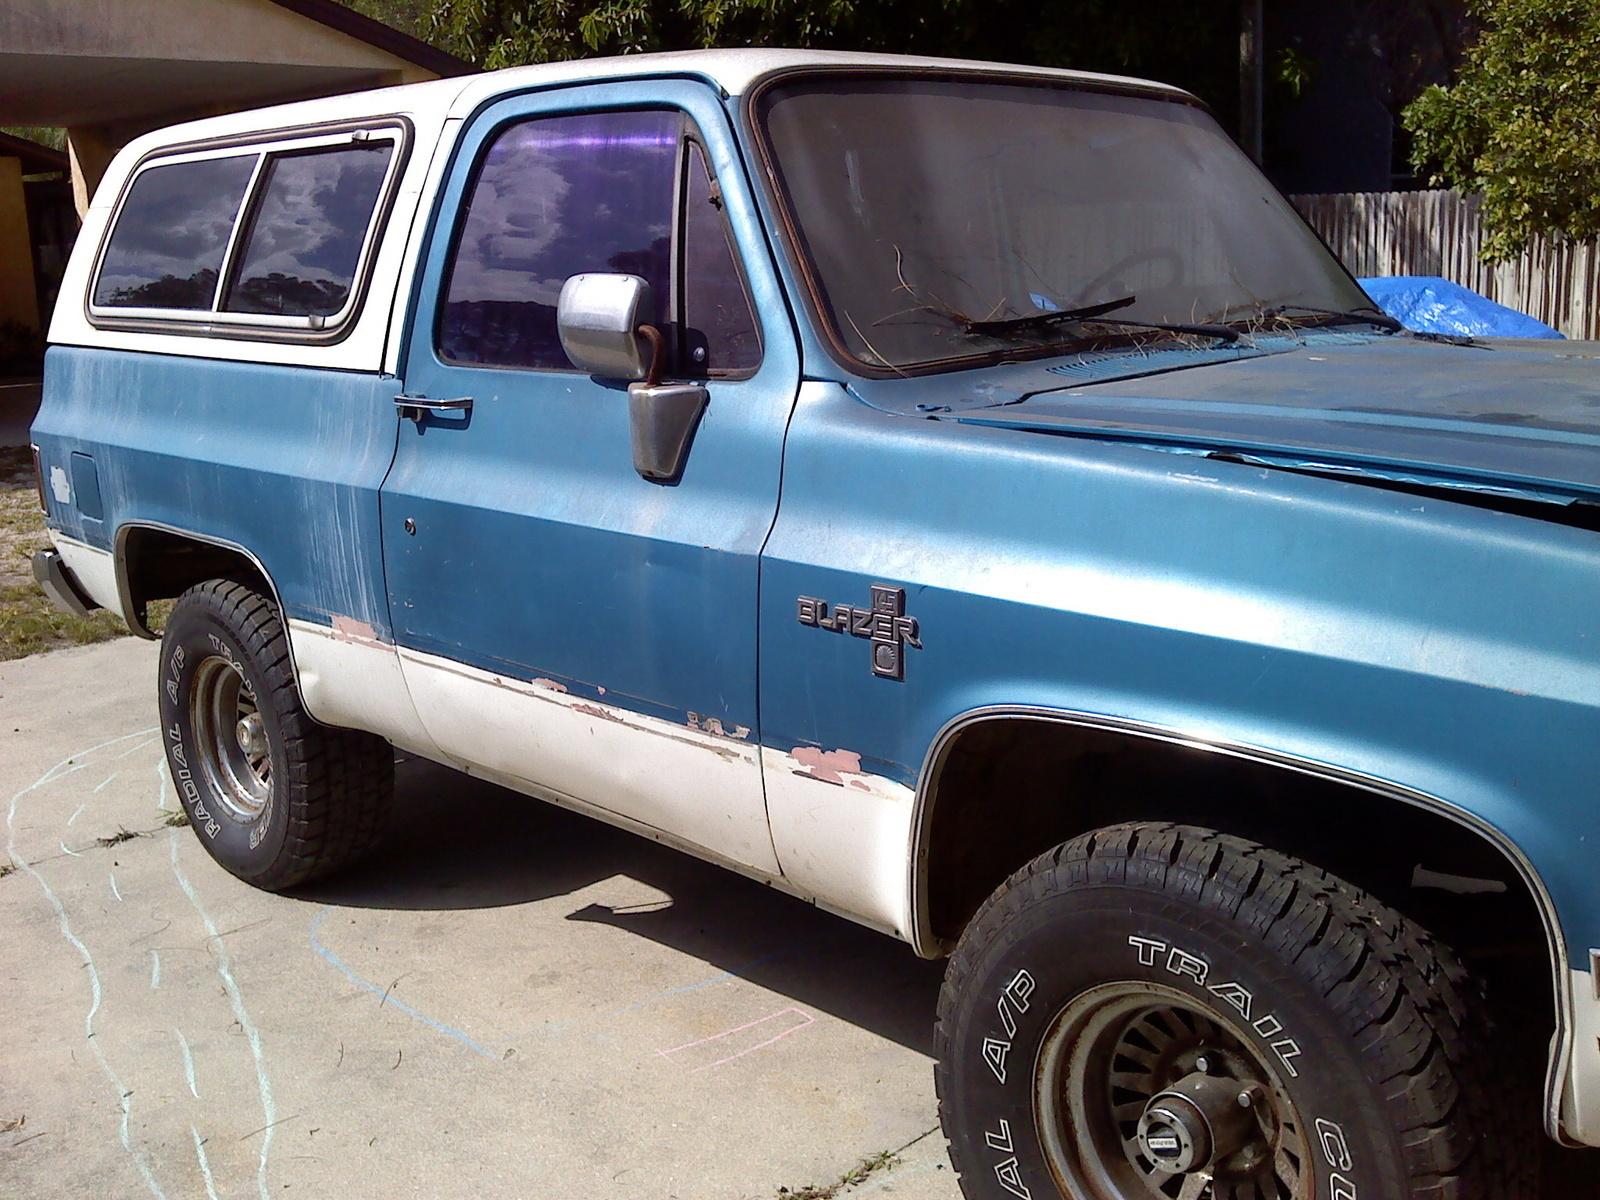 Chevrolet Blazer Pic X on 1993 Chevy Silverado Blue